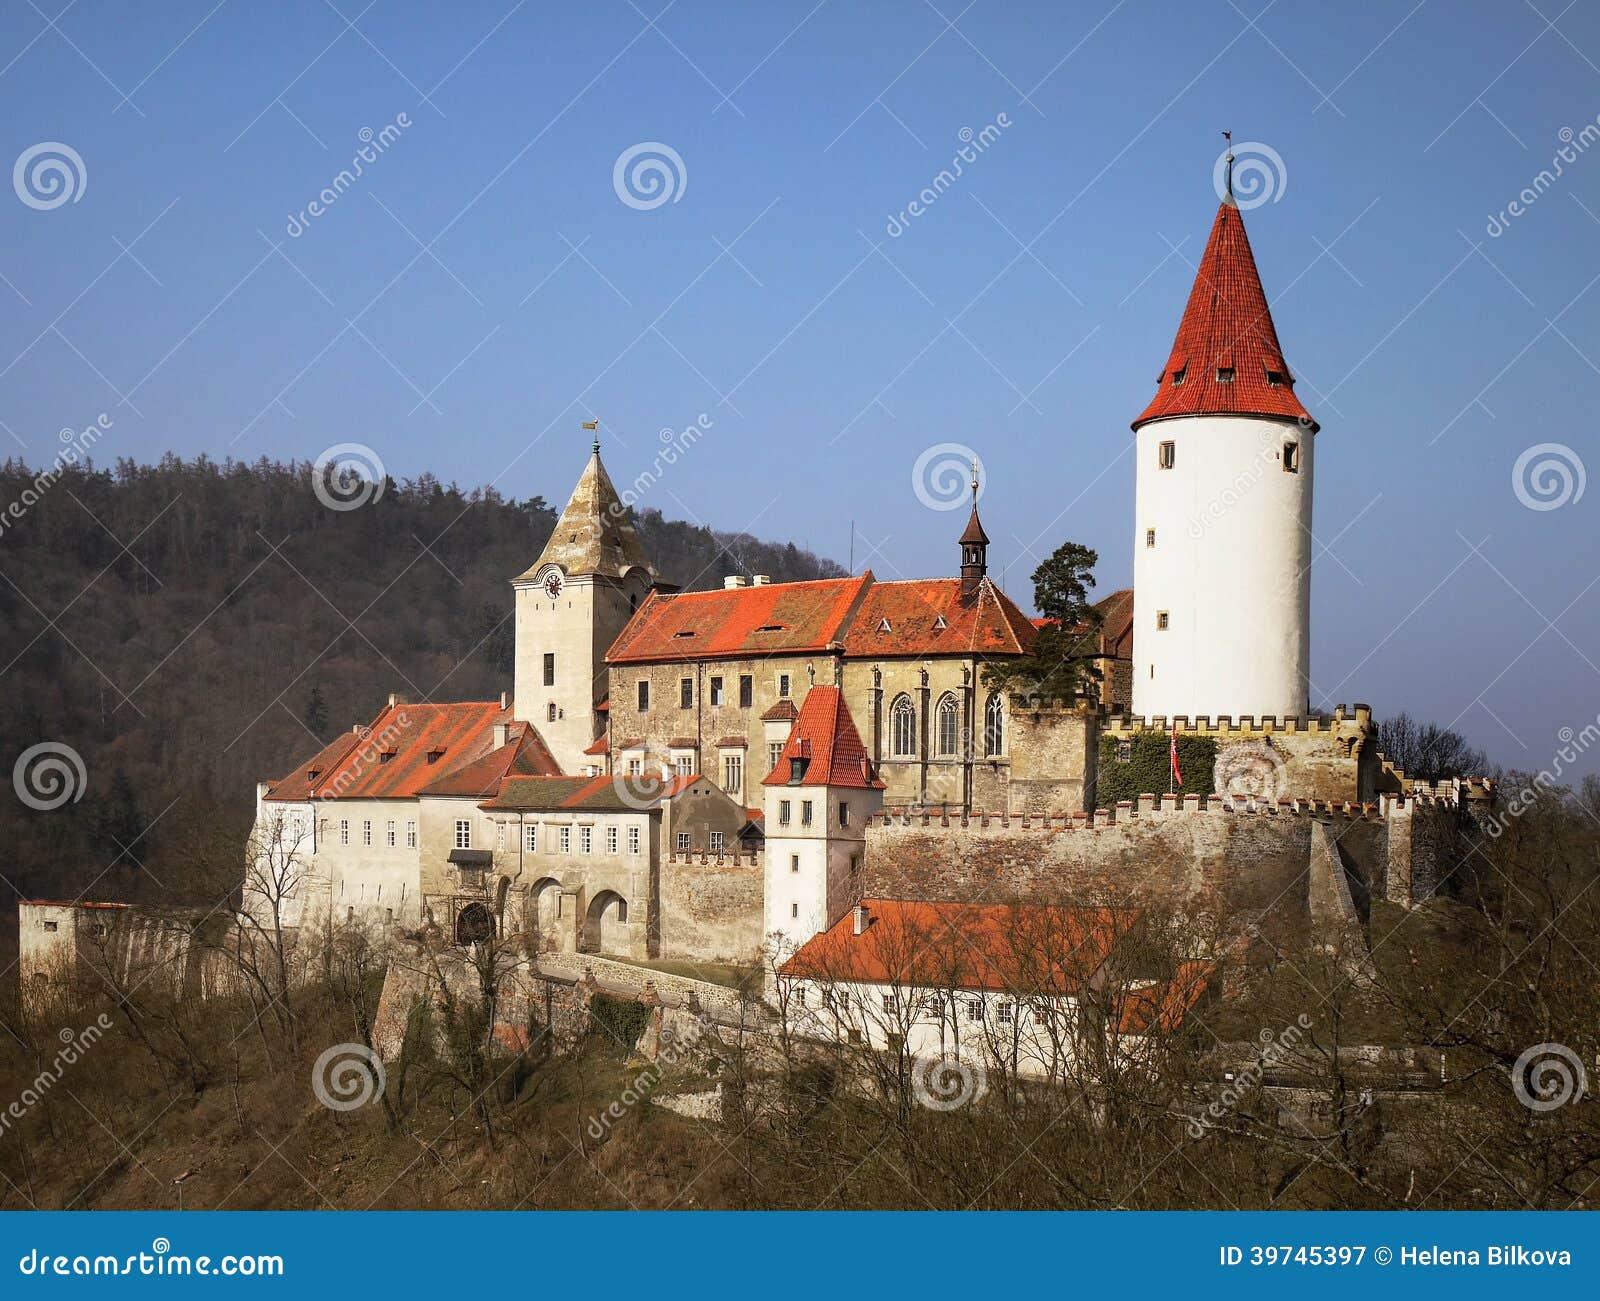 Krivoklat slott